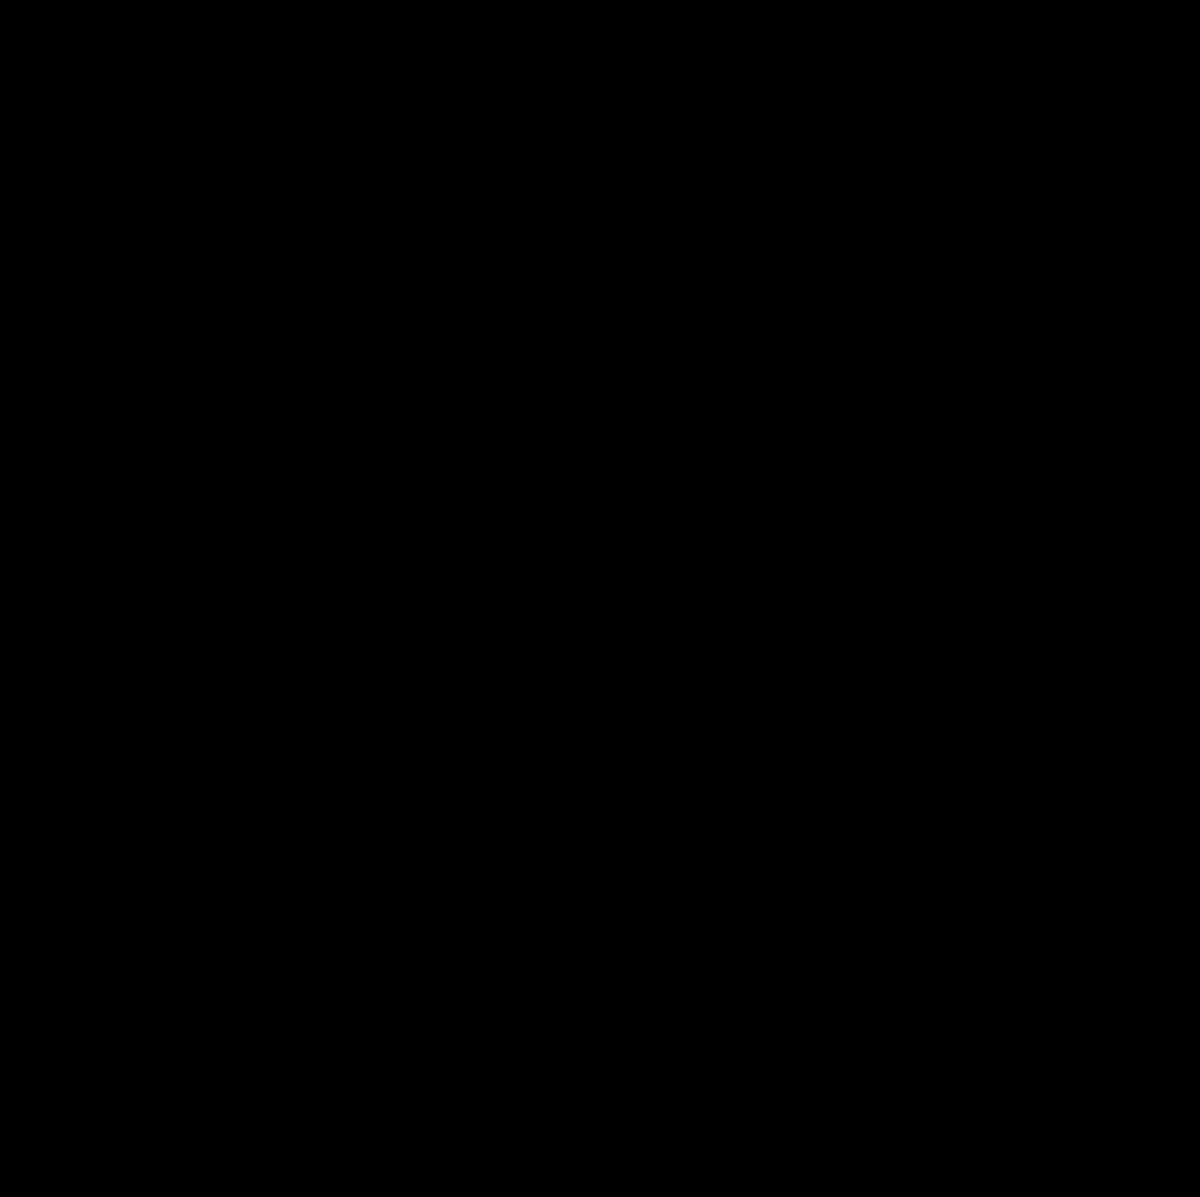 Kussoo